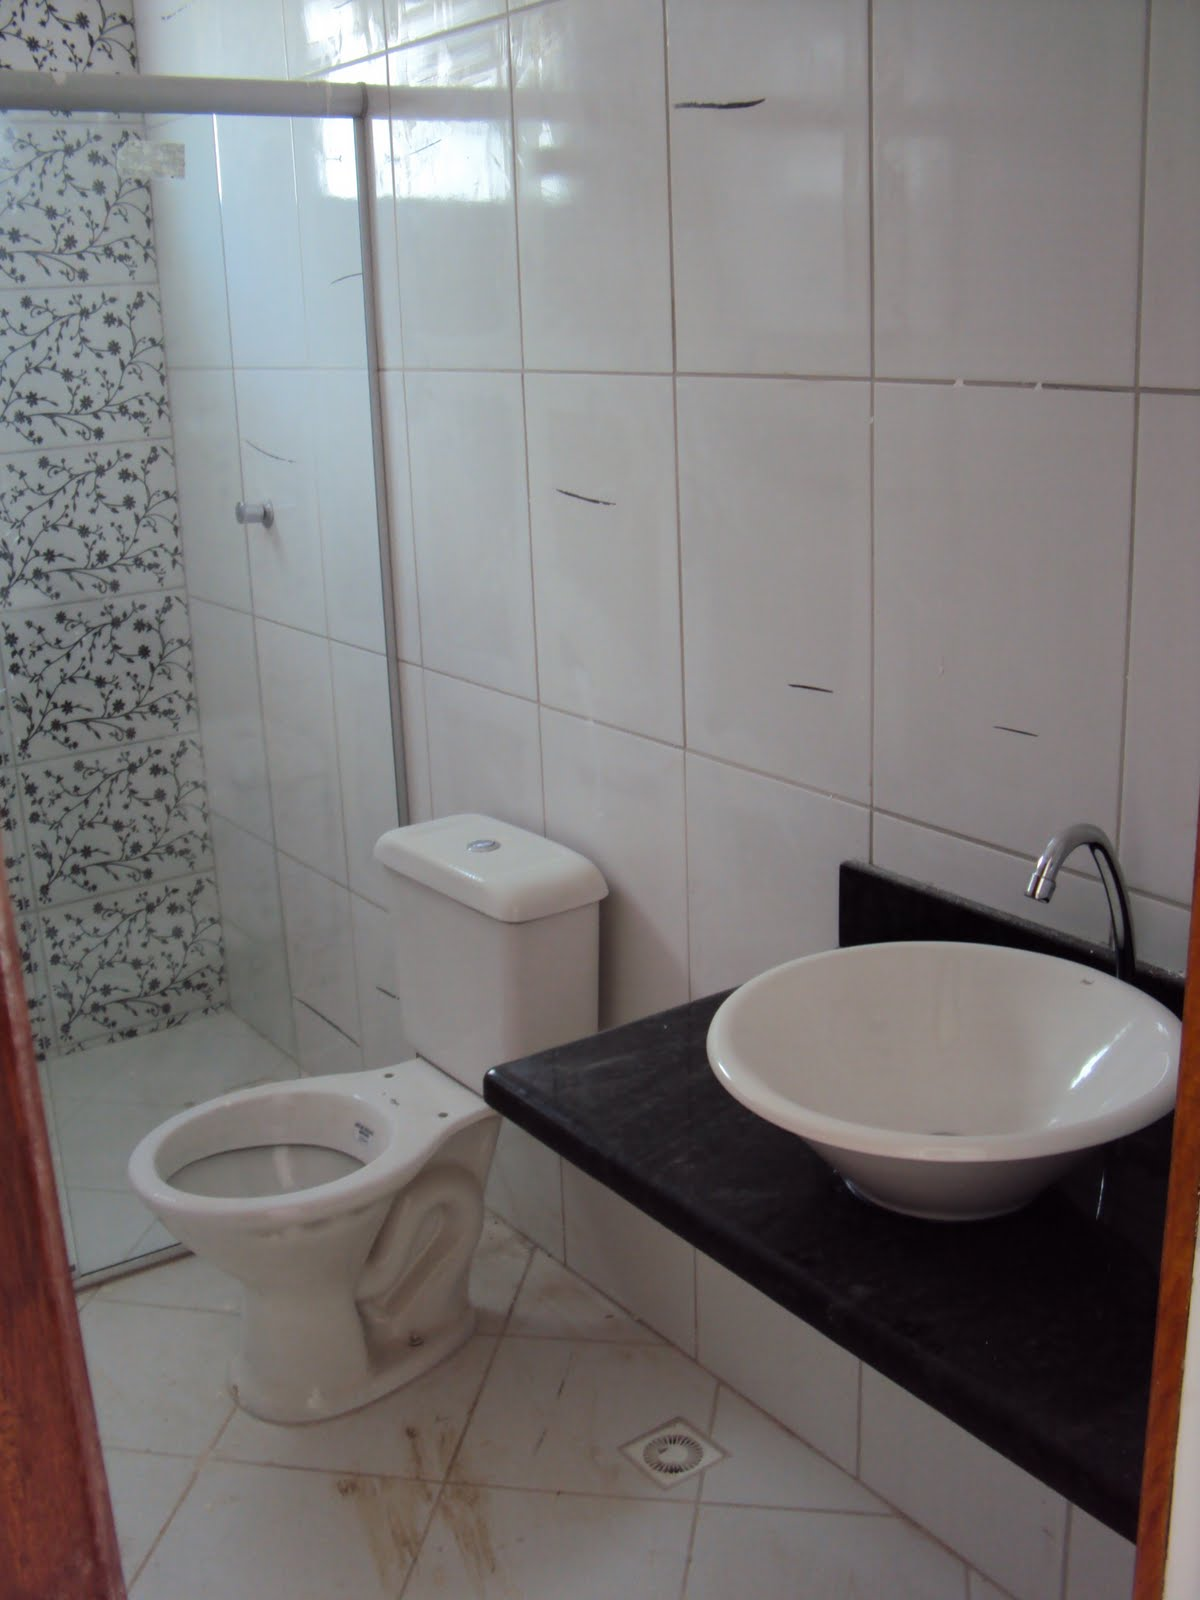 Nosso SonhoNossa Casa Banheiros das casas alheias Ai que vergonha -> Cuba Para Banheiro Japi